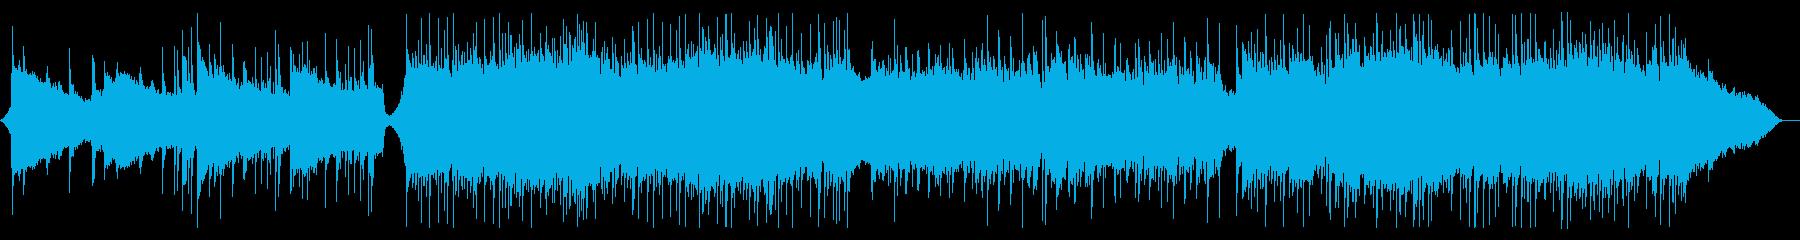 ジワジワ盛り上がるクールなロックの再生済みの波形